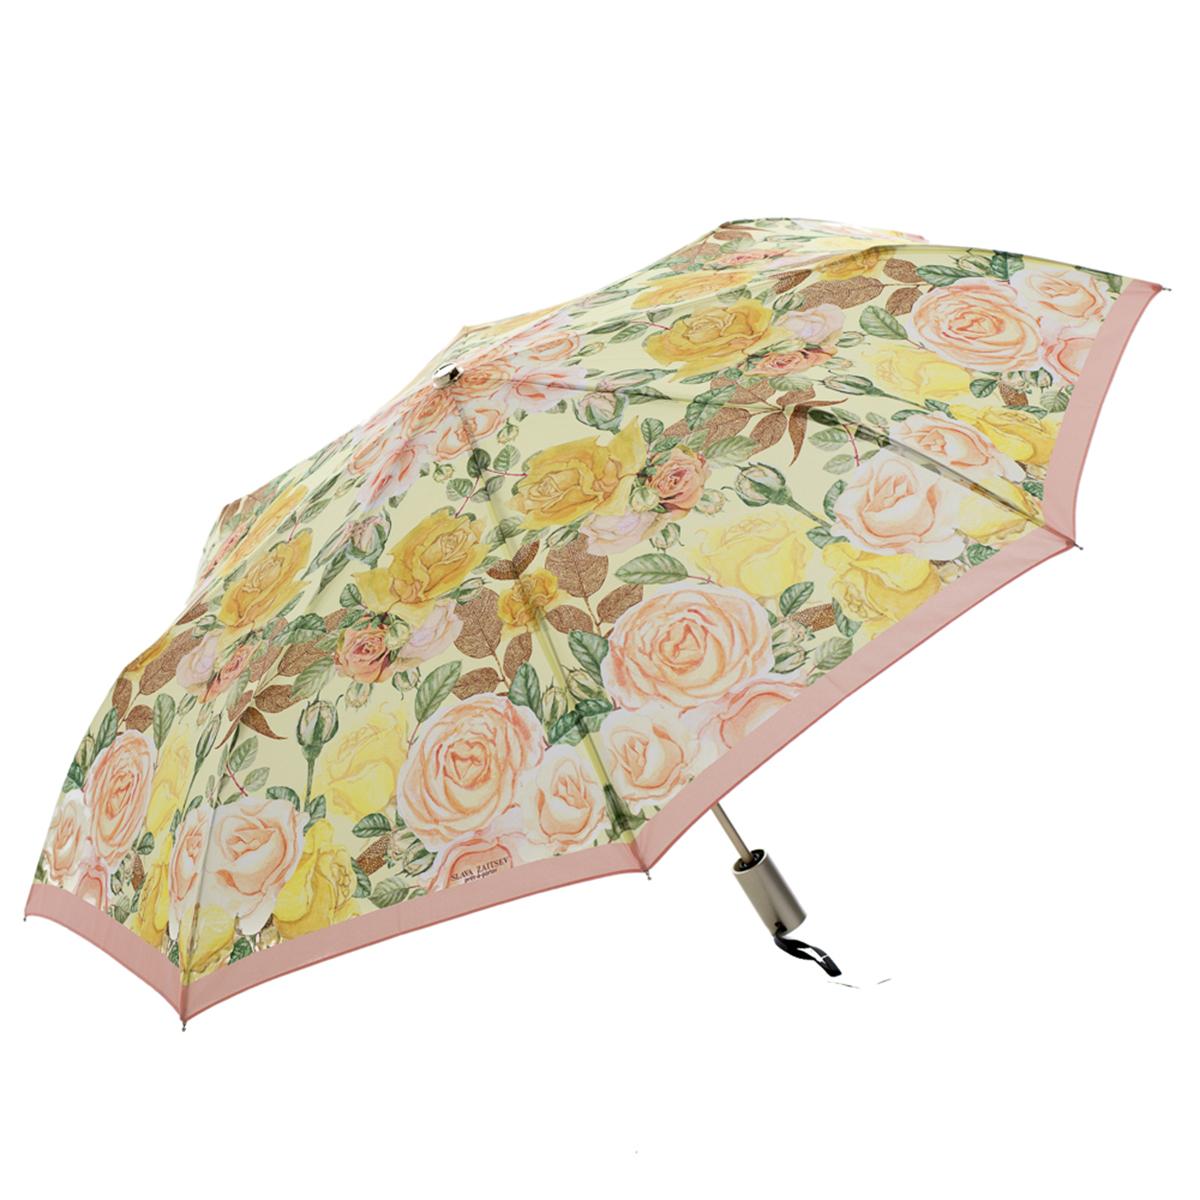 Зонт-трость женский Slava Zaitsev, механика, цвет: желтый. SZ-082YY-11678-3Оригинальный зонт Slava Zaitsev надежно защитит вас от непогоды. Купол, выполненный из высококачественного полиэстера, который не пропускает воду, оформлен оригинальным принтом. Каркас зонта и спицы выполнены из высококачественного металла. Зонт имеет автоматический тип сложения: открывается и закрывается при нажатии на кнопку. Удобная ручка выполнена из пластика.